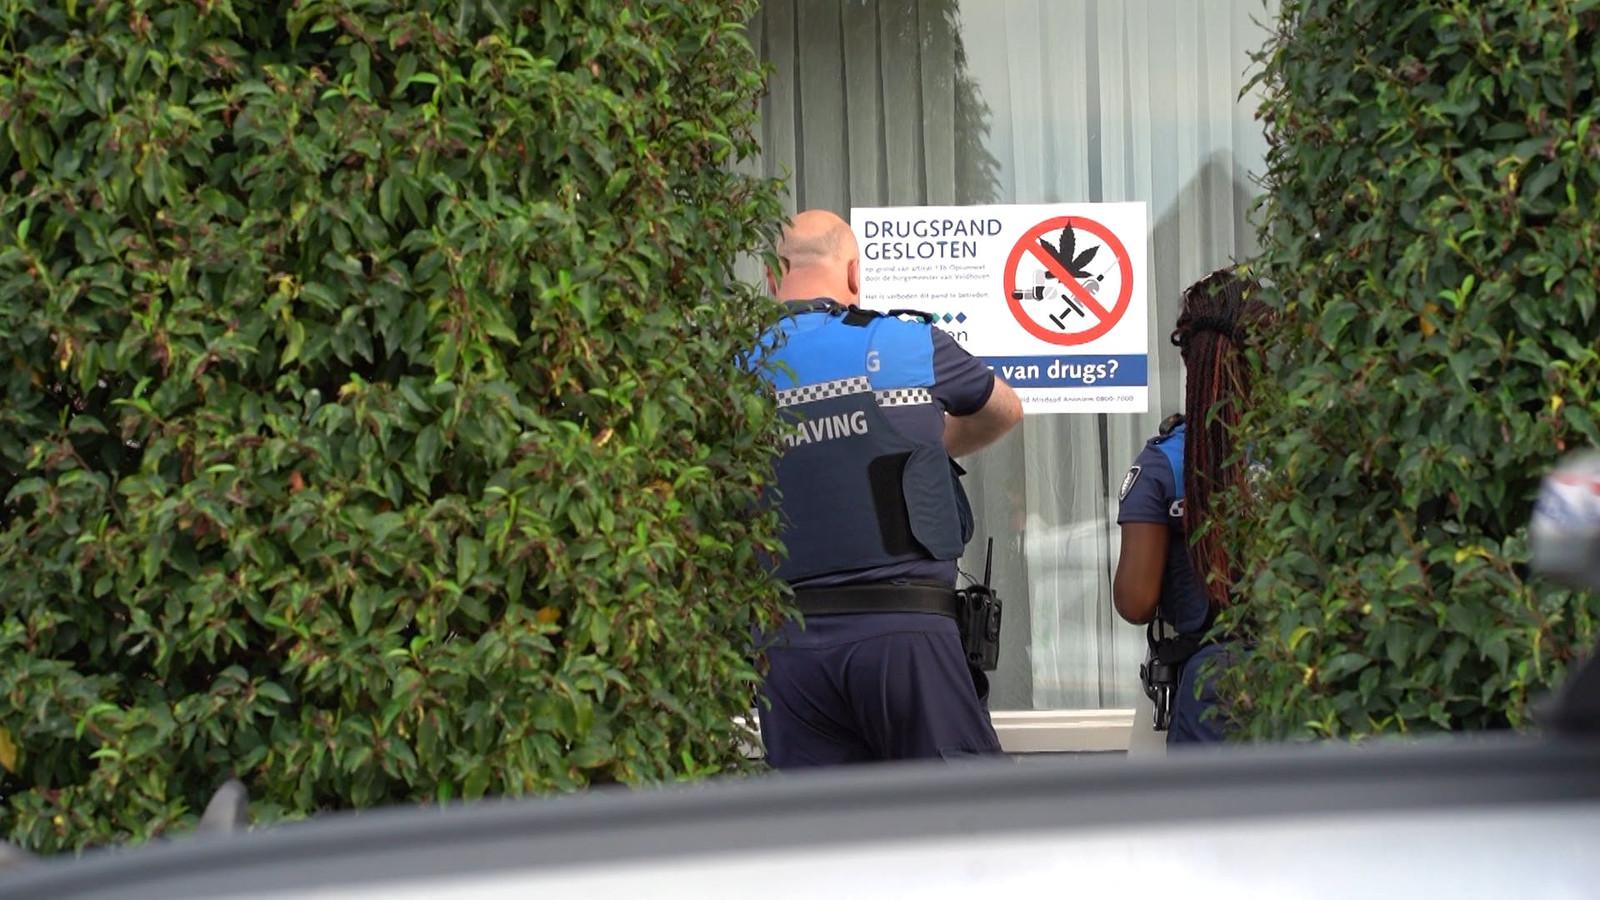 Foto ter illustratie. De Deventer burgemeester, Ron König, heeft besloten de woning van een vermeende drugshandelaar voor drie maanden te sluiten om deze uit het criminele circuit te halen. Diens vrouw ontkent dat zij iets van de handel wist. ,,Ik ben nog steeds in shock na de aanhouding.''